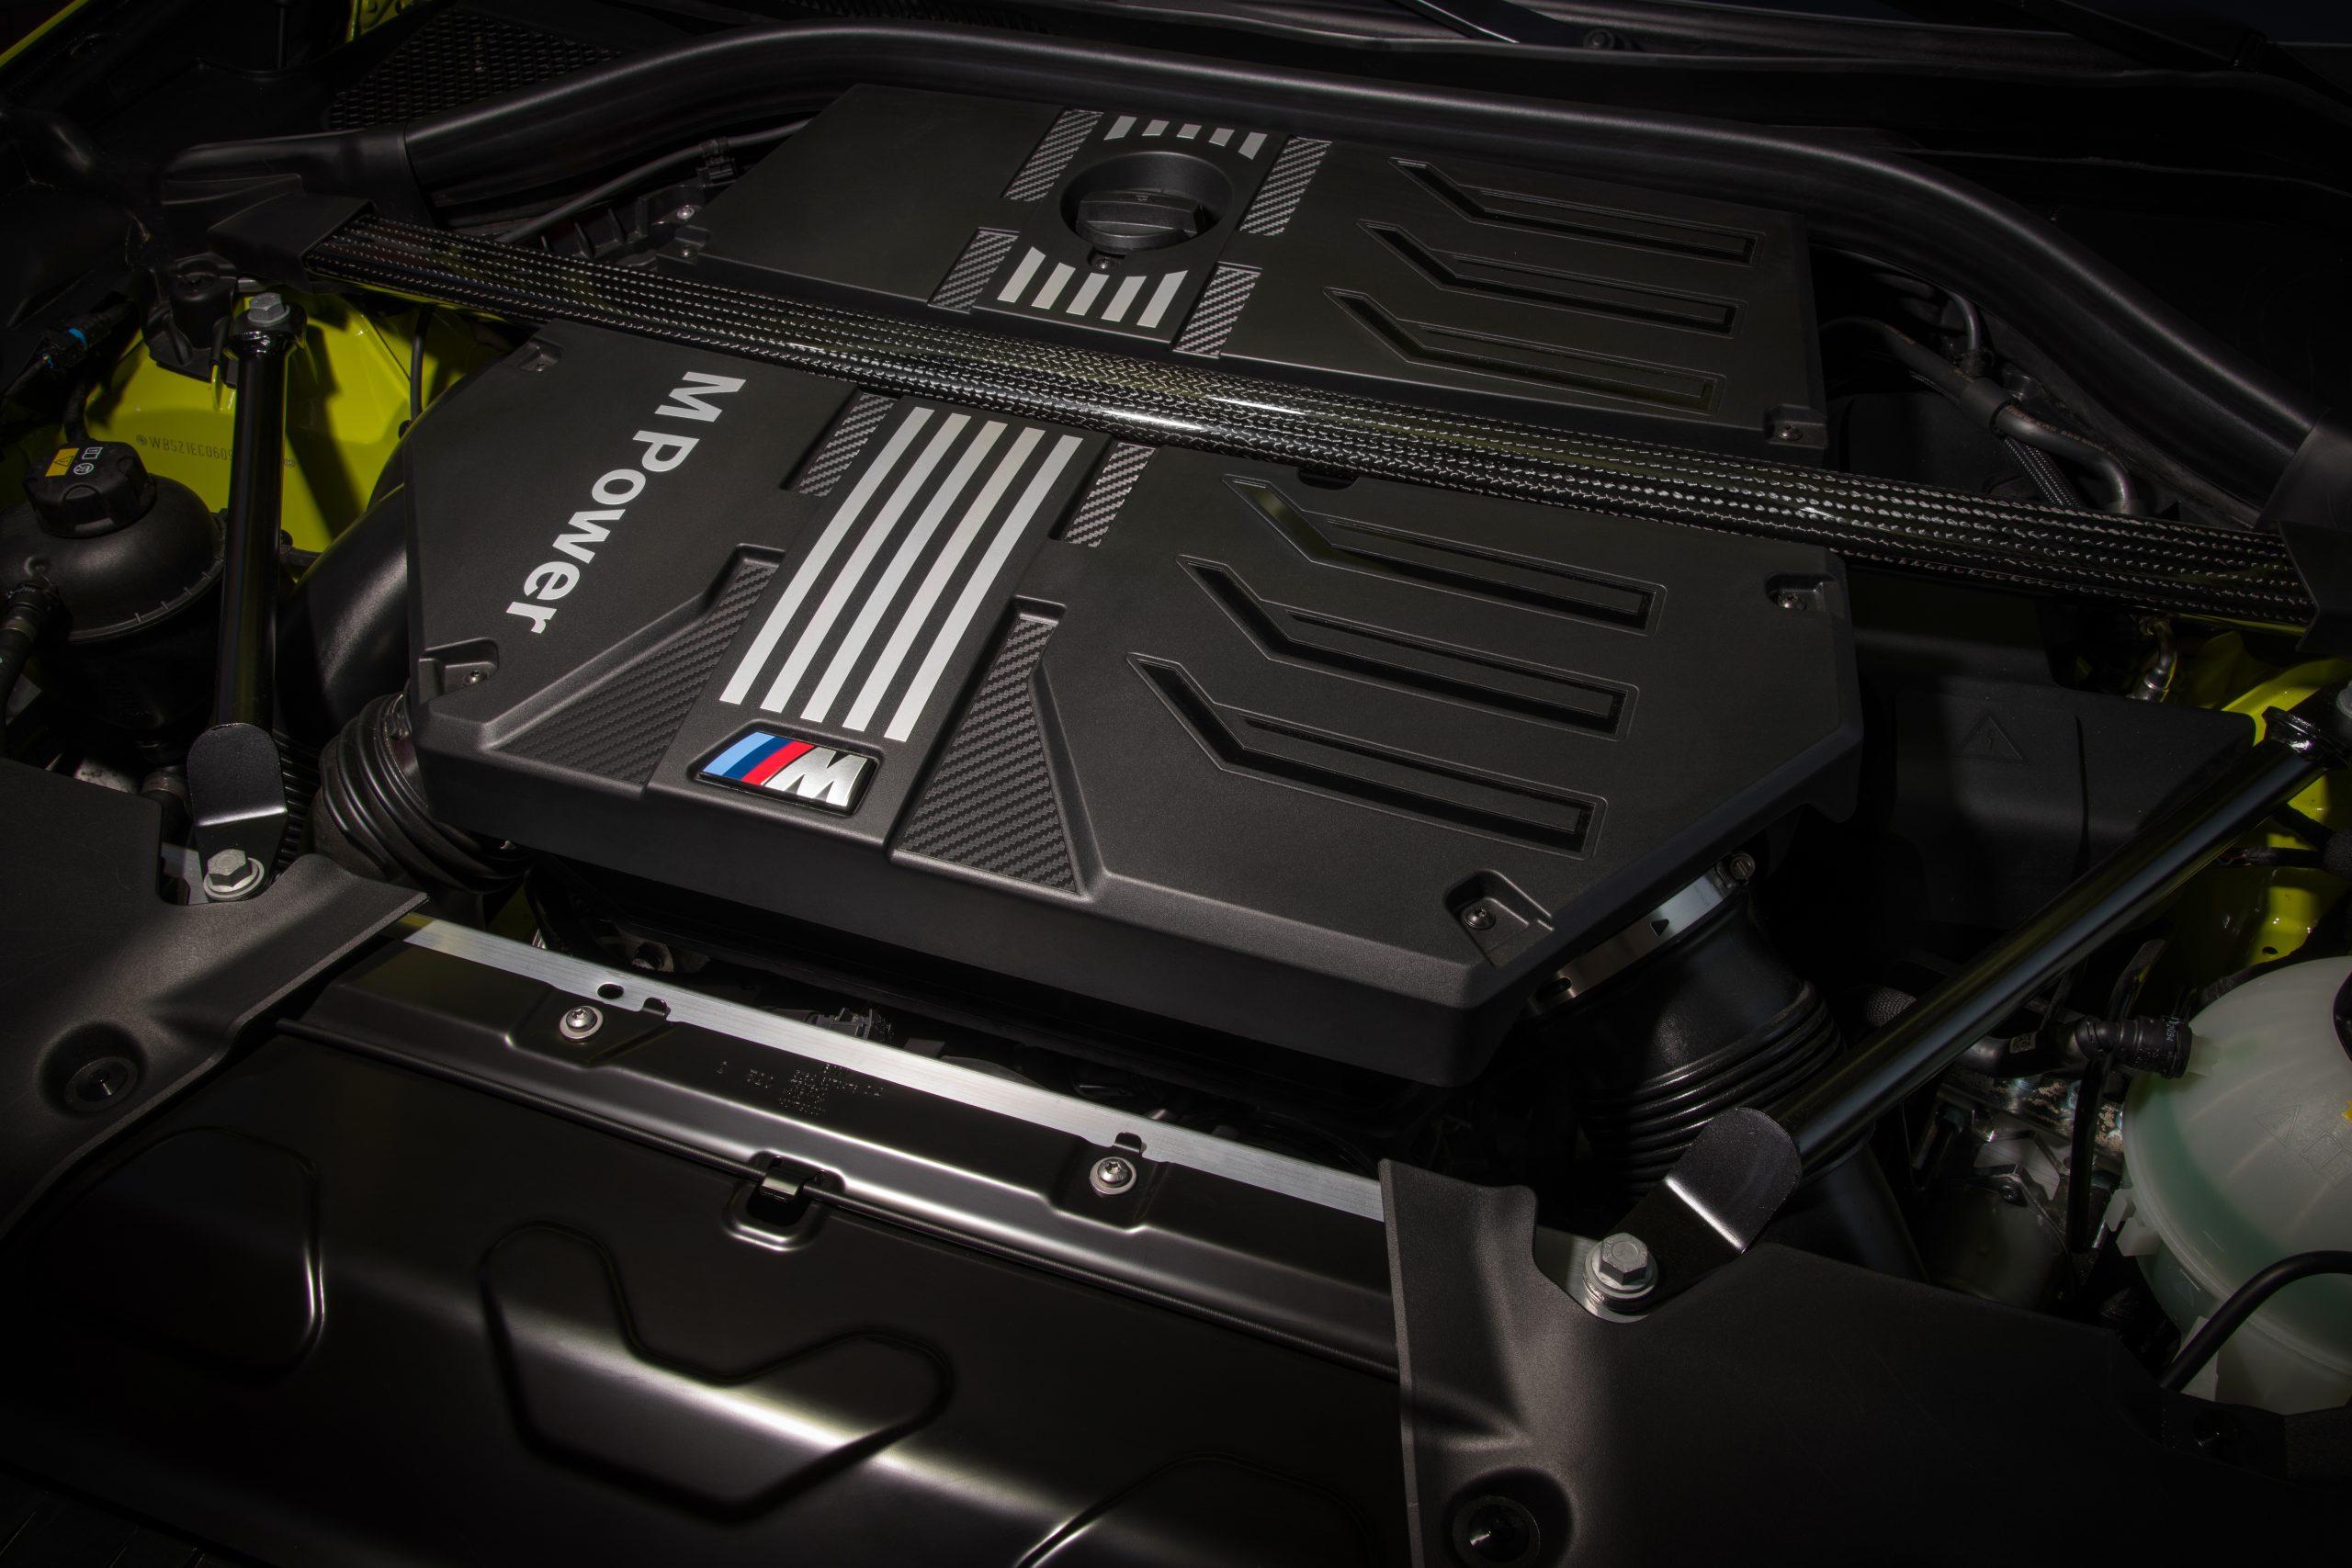 P90423981 highRes scaled Ιδού οι νέες BMW X3 M Competition και BMW X4 M Competition BMW, BMW M, BMW X3, BMW X4, SUV, X3 M, X4 M, ειδήσεις, Νέα